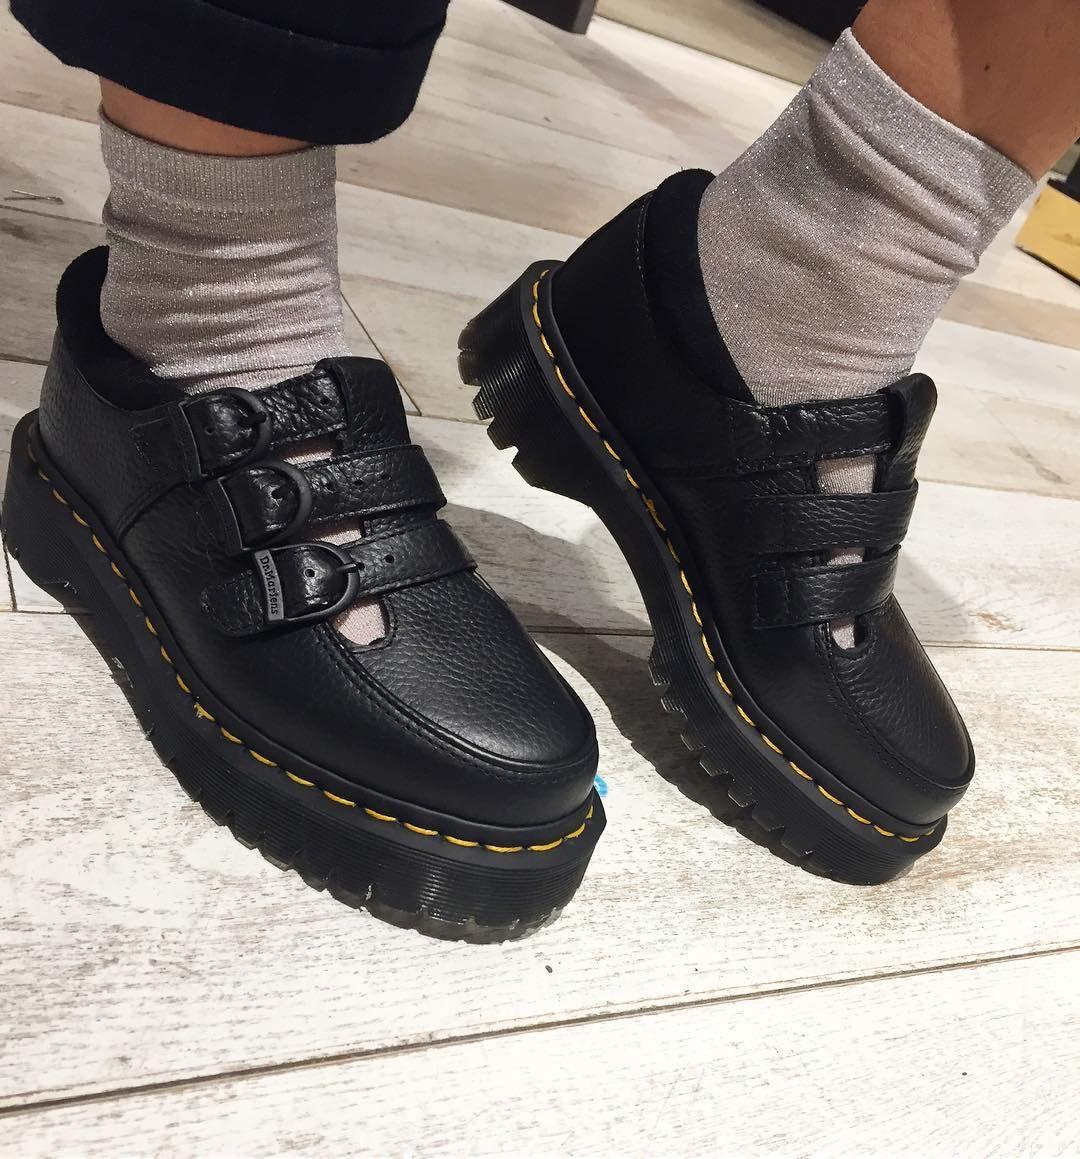 """211 Likes, 2 Comments - Carlings Sandvika (@carlings_sandvika) on Instagram: """"NEWS! fete sko fra #drmartens! siden det er partyfredag må jo glittersokkene på også. GOD HELG!…"""""""